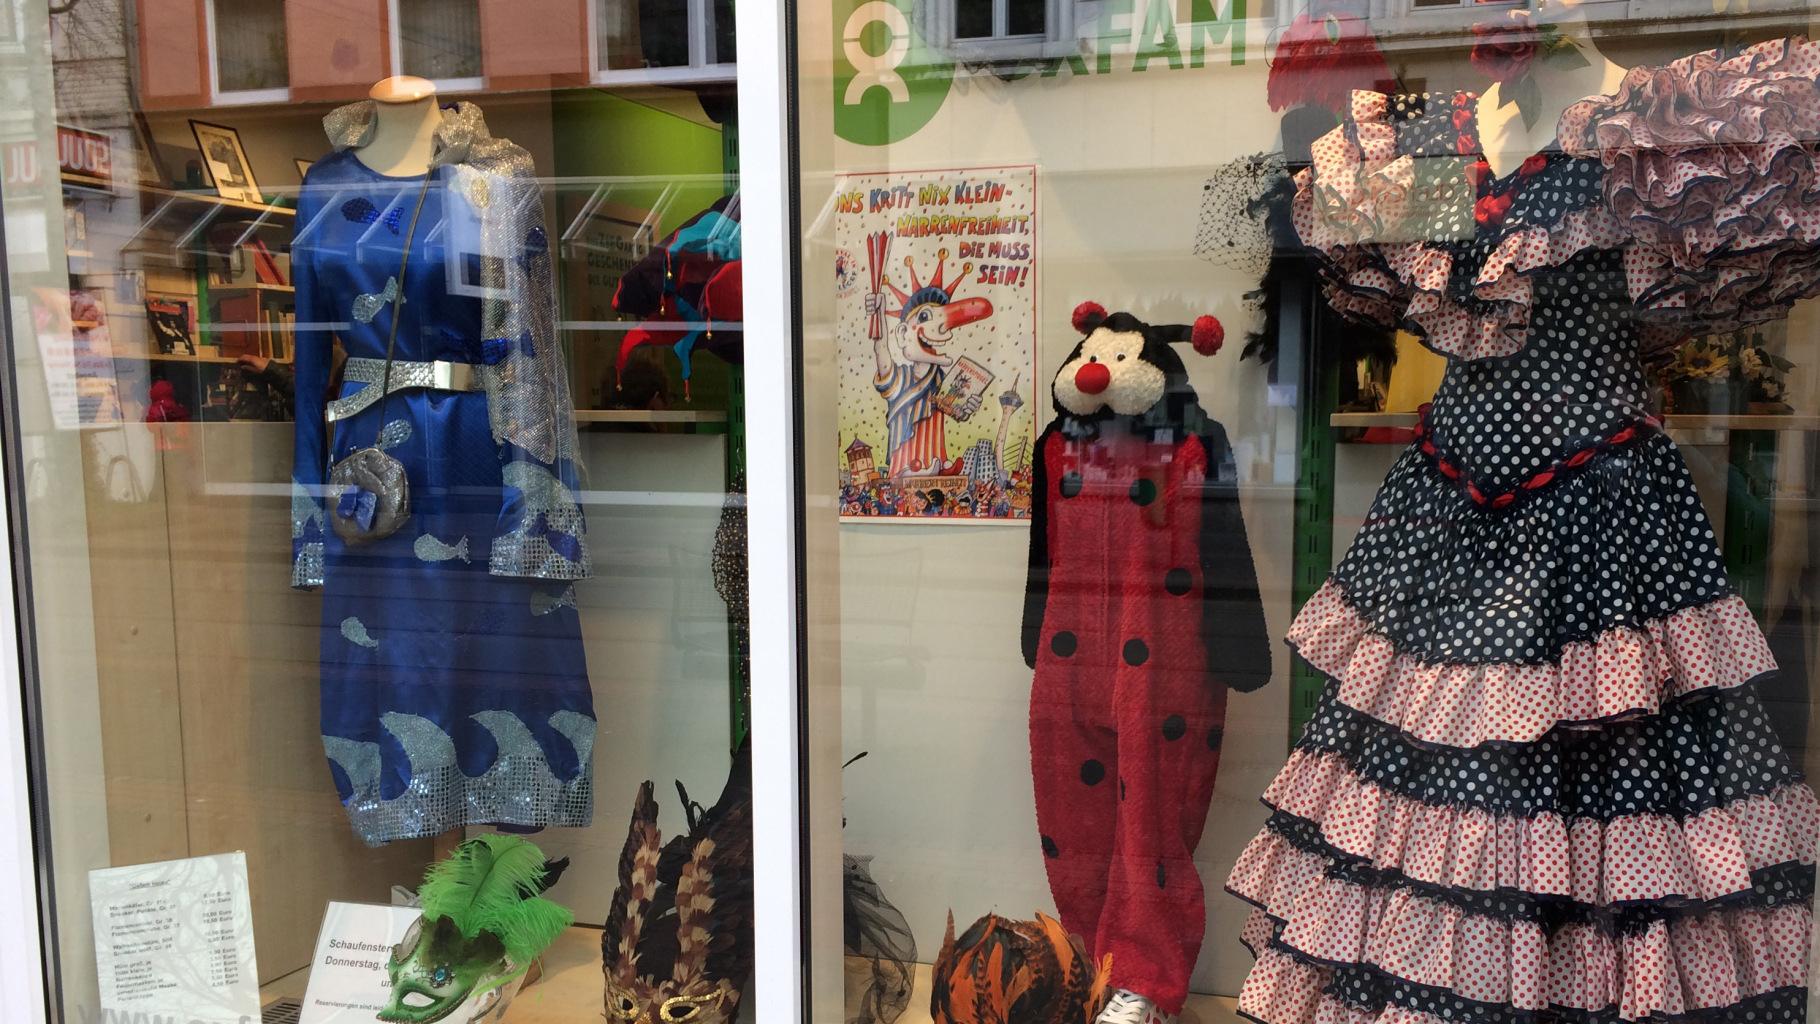 Sachen für den Fasching im Schaufenster eines Oxfam Shops